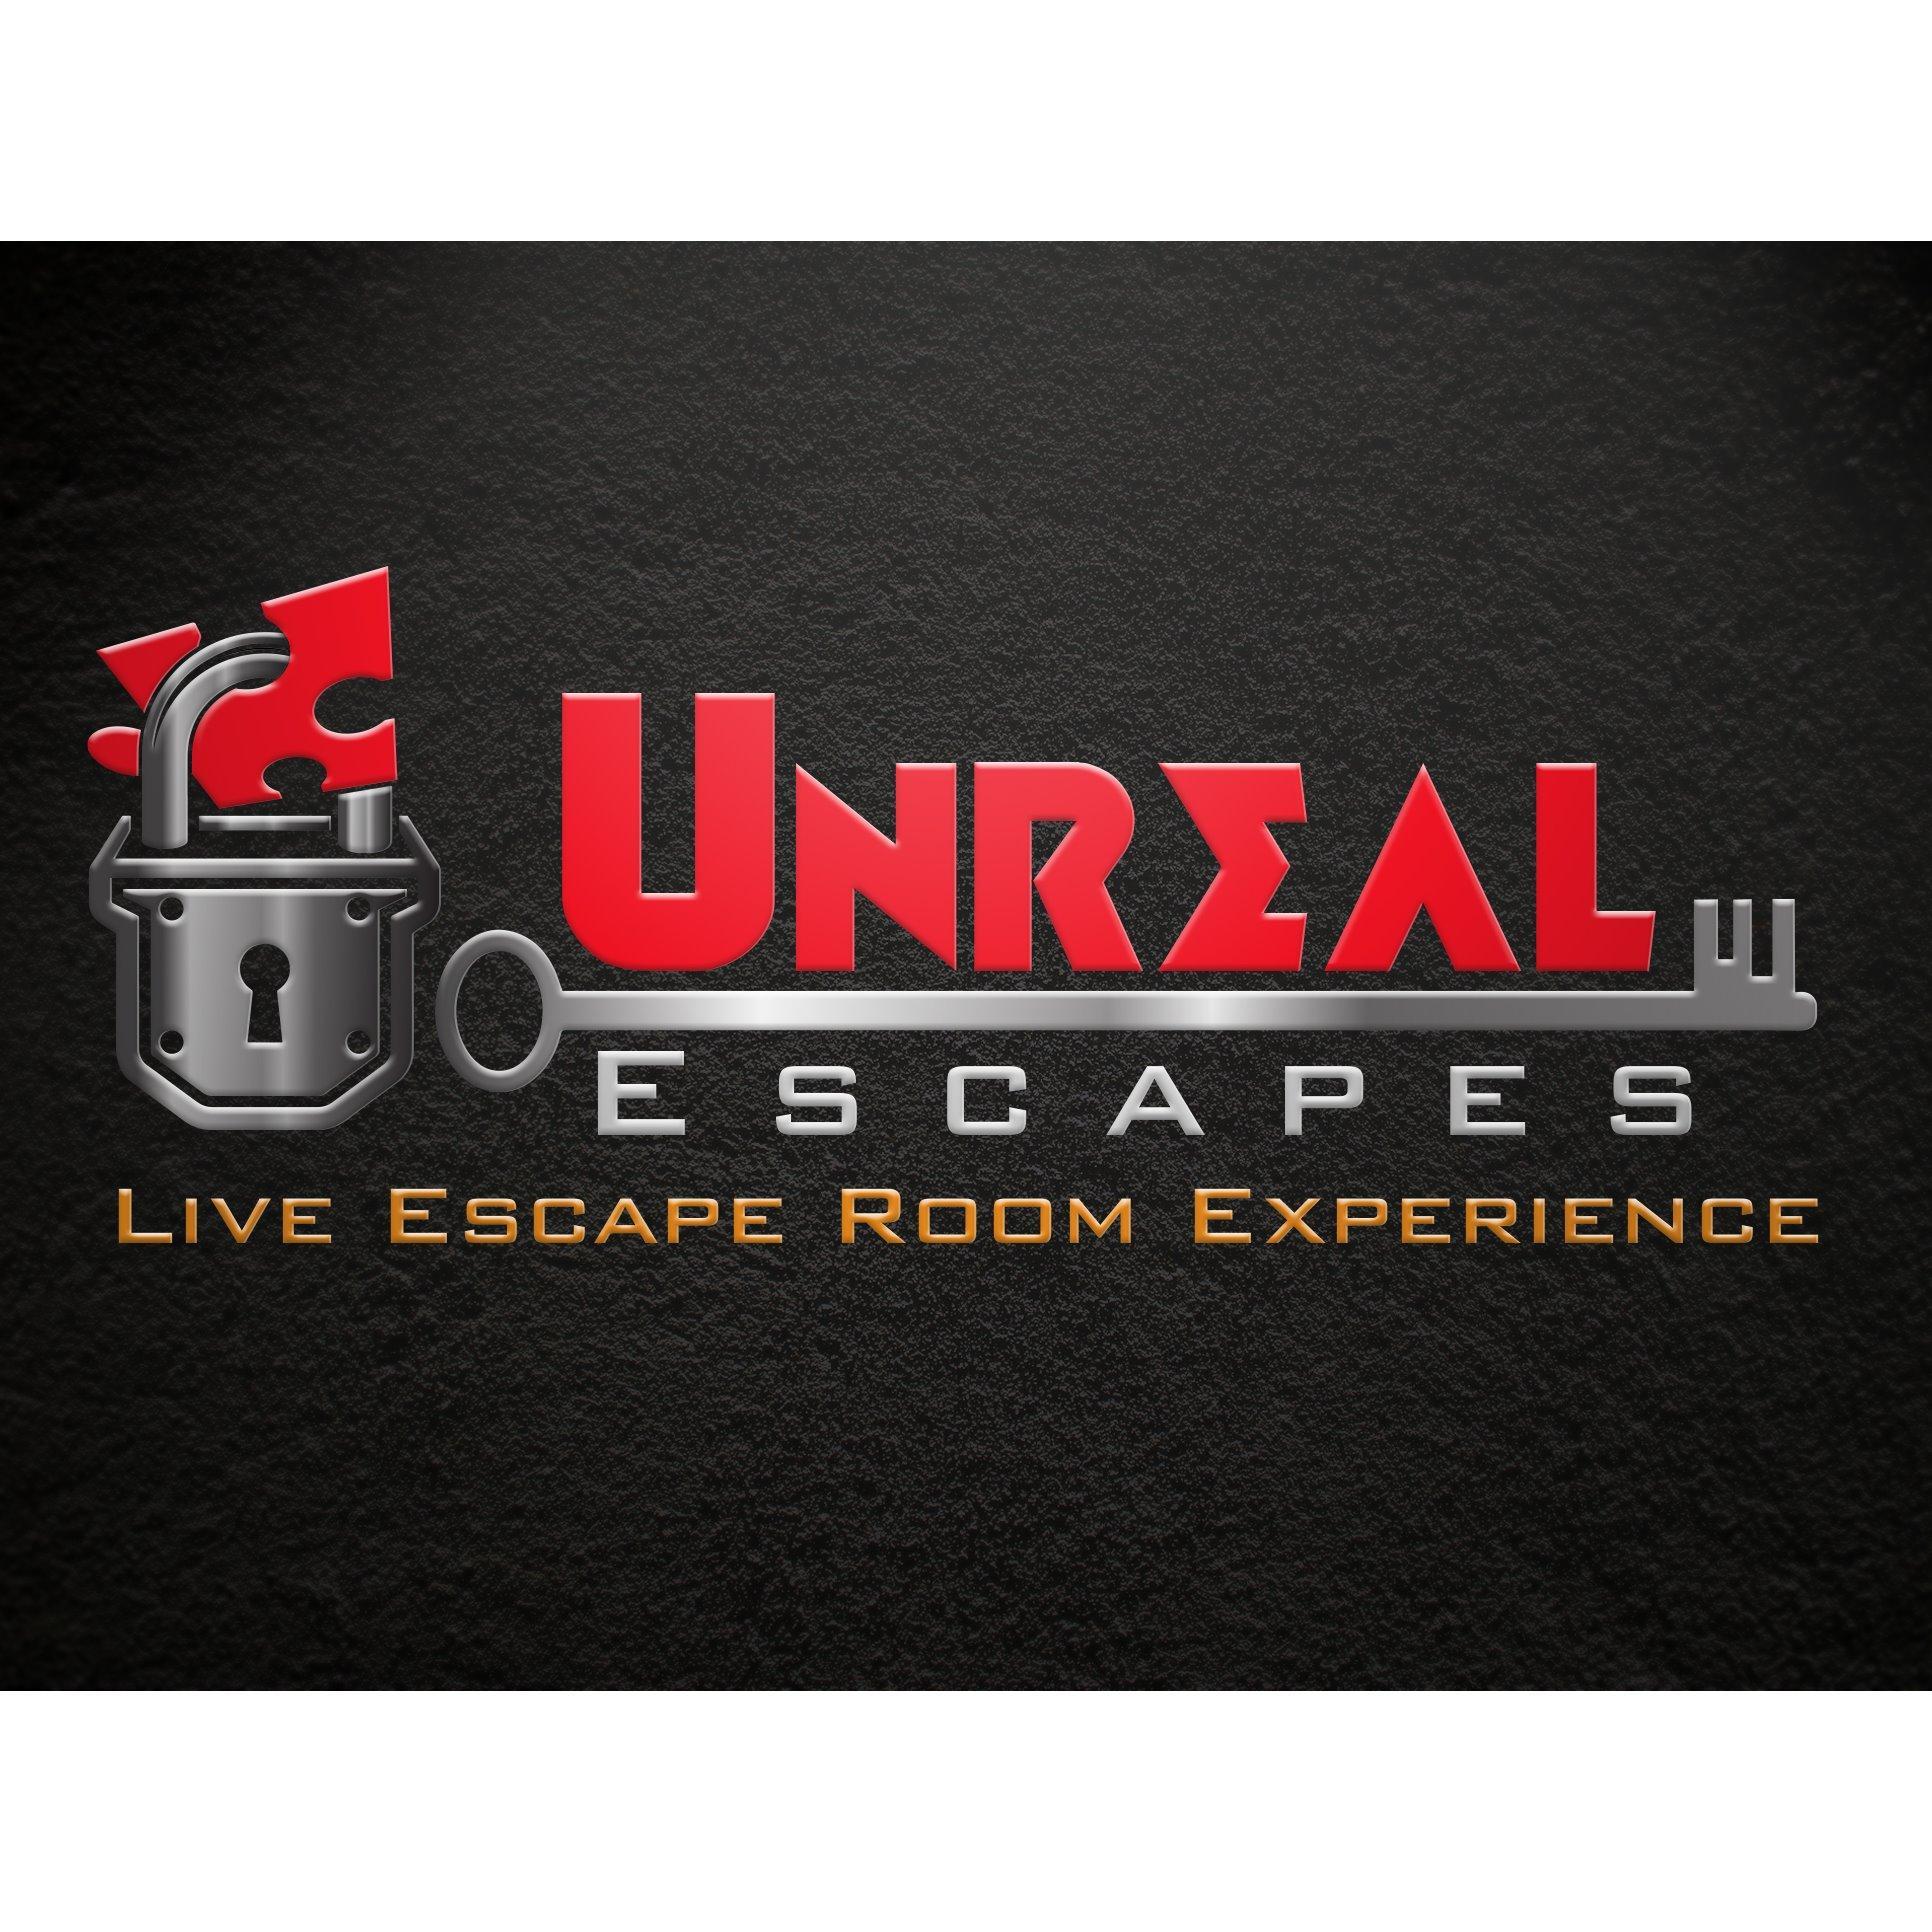 Unreal Escapes - Staten Island's Premiere Live Escape Room